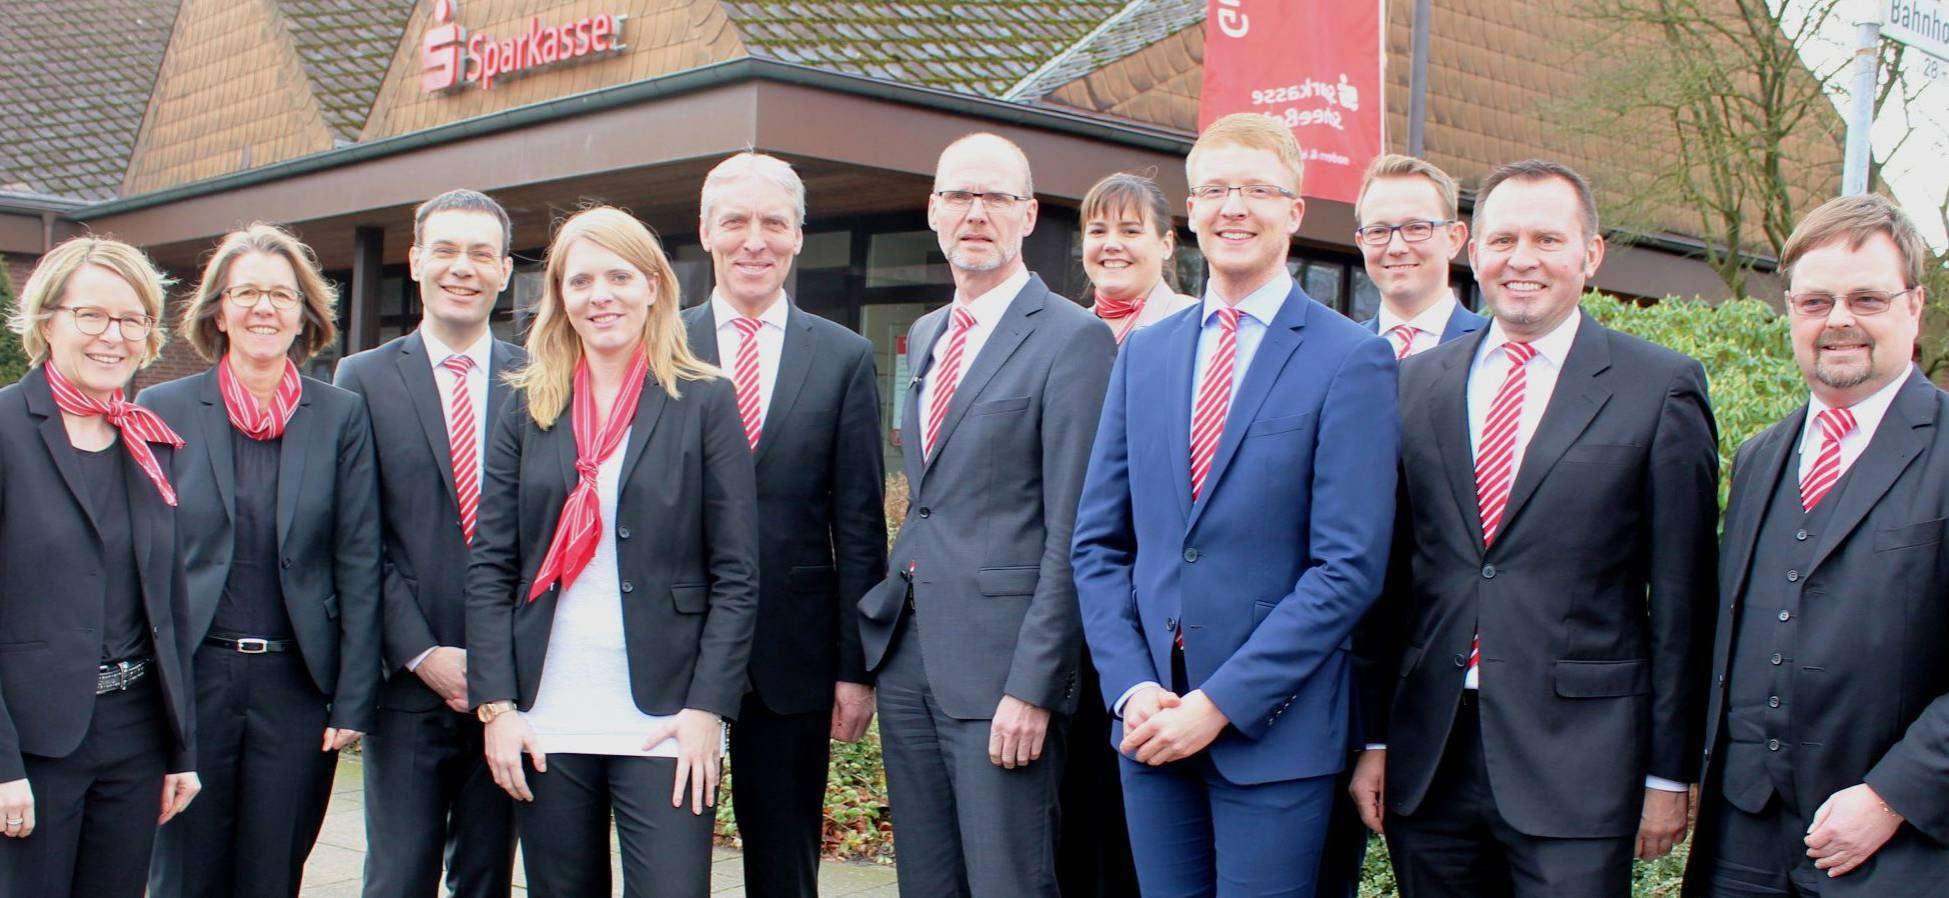 Vorstand Olaf Achtabowski (von rechts), Vorstandsvertreter Klaus Schröder und Marktbereichsleiter Steffen Brunckhorst mit seinem Team, das ab April in Scheeßel und Fintel tätig ist